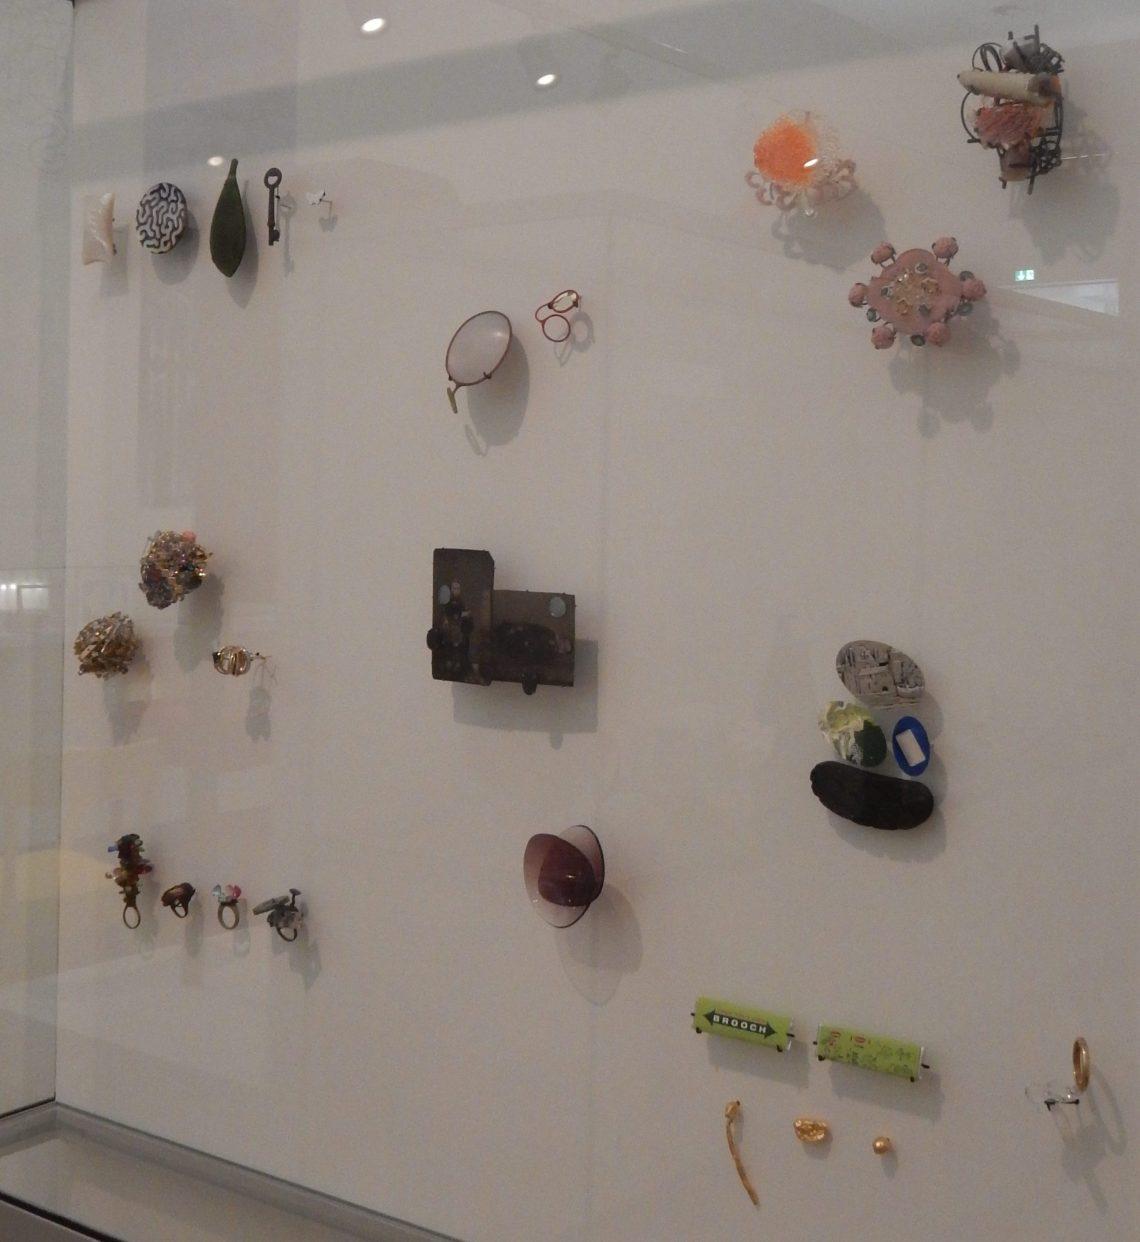 Vitrine in het Stedelijk Museum Amsterdam met sieraden in bruikleen van de Stichting Françoise van den Bosch, 2016. Foto Esther Doornbusch, CC BY 4.0